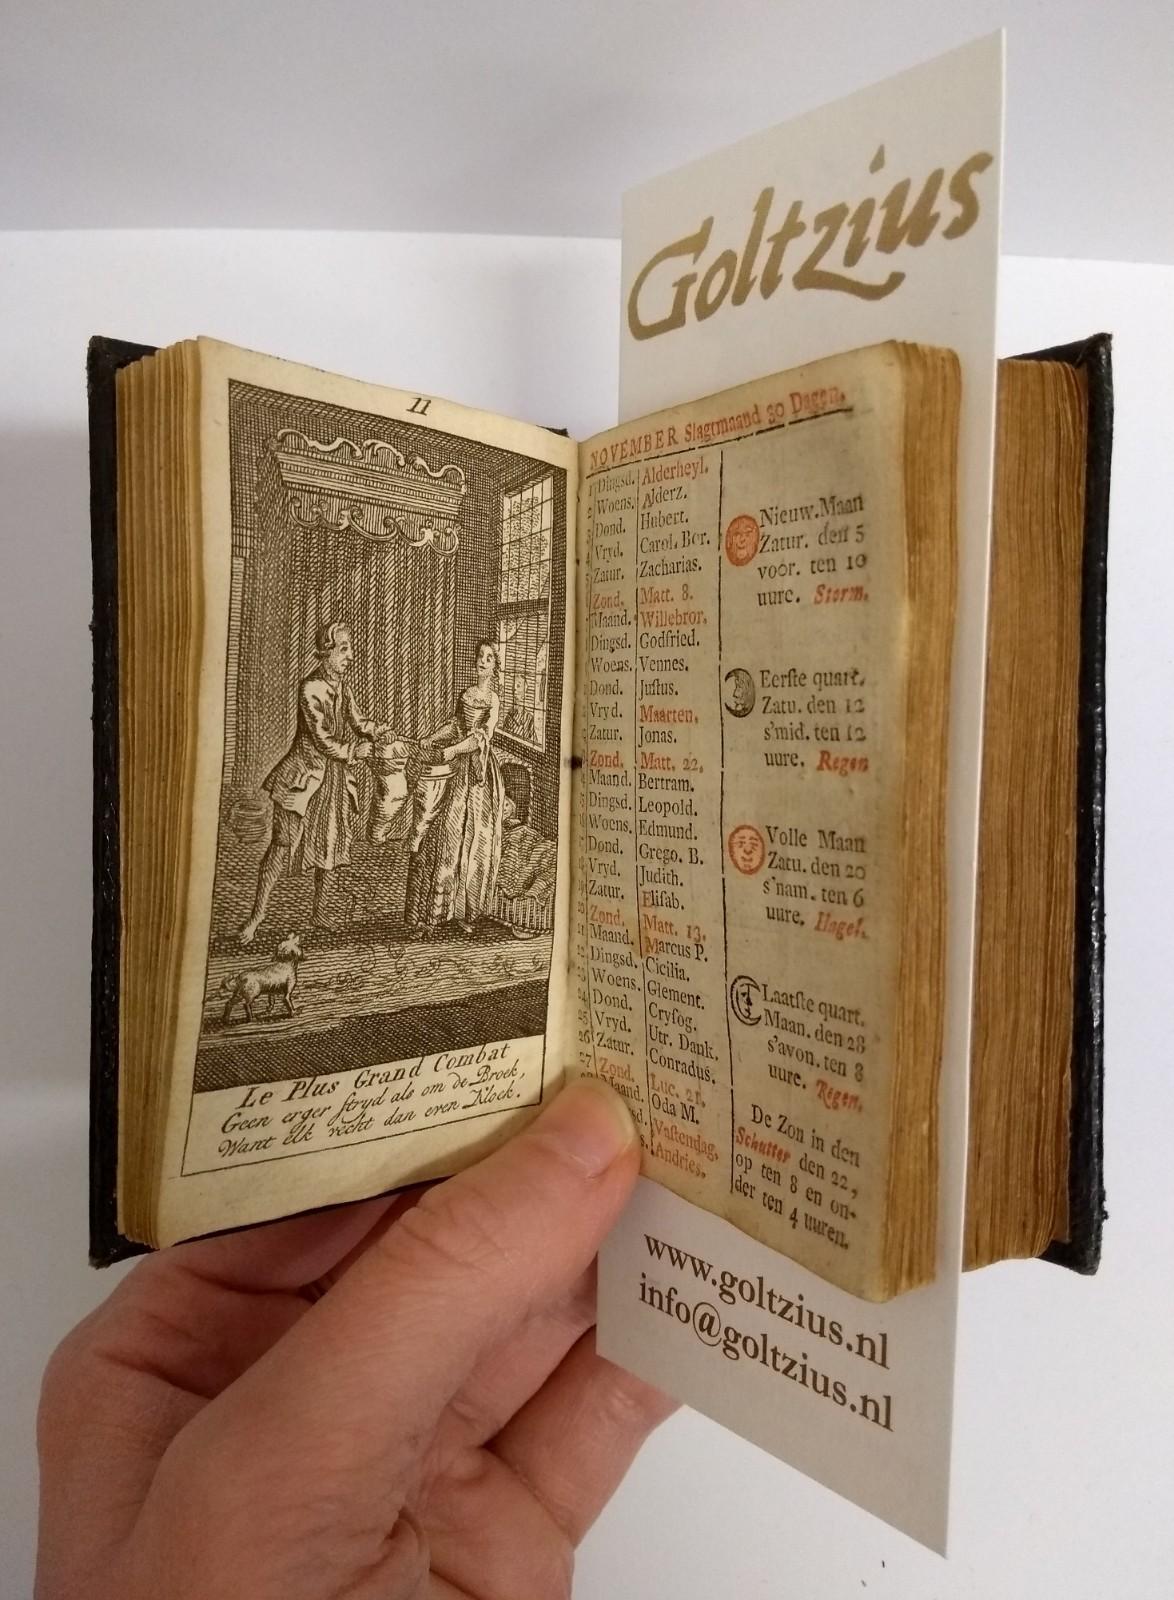 De naauwkeurige hollandsche almanach voor 't jaar 1763. Met fraaije printverbeeldingen vercierd, en verrykt mer alles wat tot een volmaakte Almanach behoord;mitsgaders veele nutte byzonderheden, nooit voor dezen gedrukt.